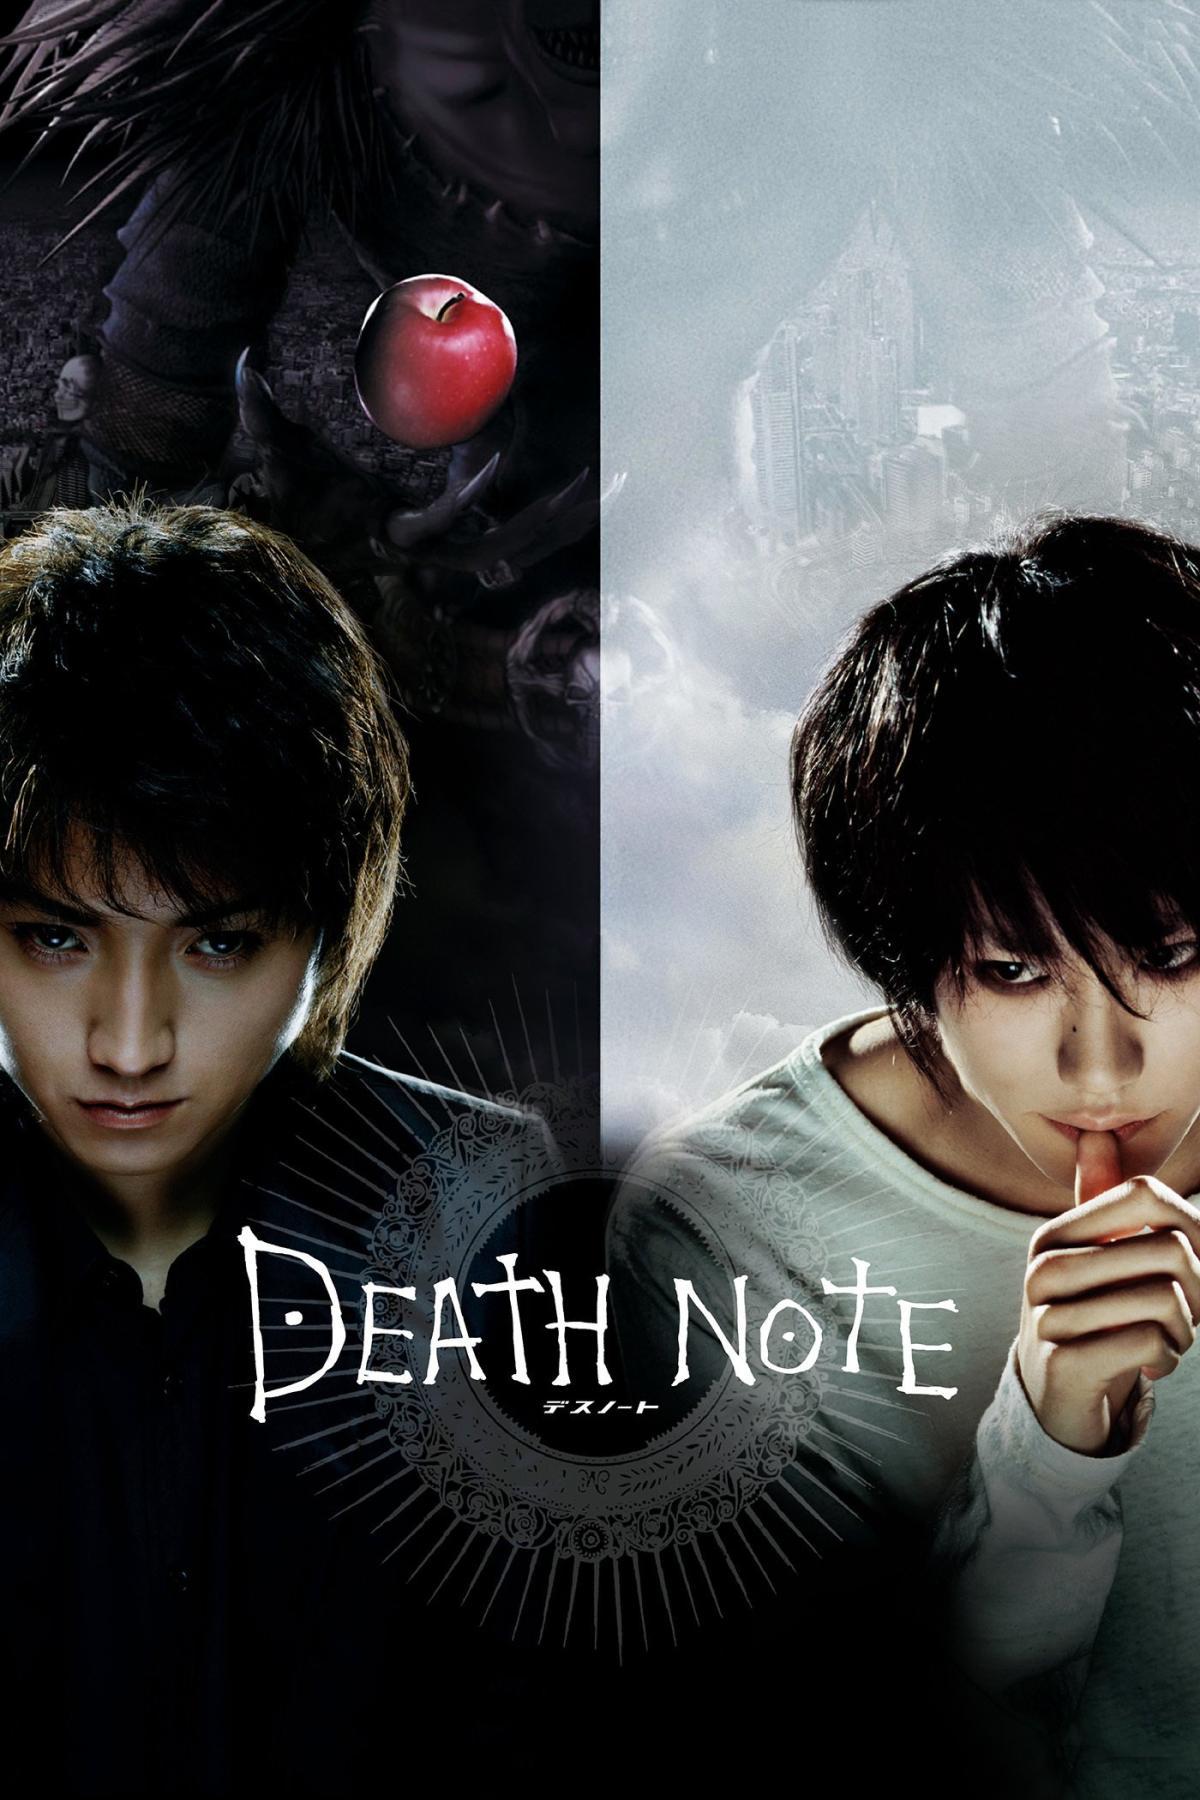 Death Note La Pelicula 2006 Criticas Noticias Novedades Y Opiniones Peliculas En Hobbyconsolas